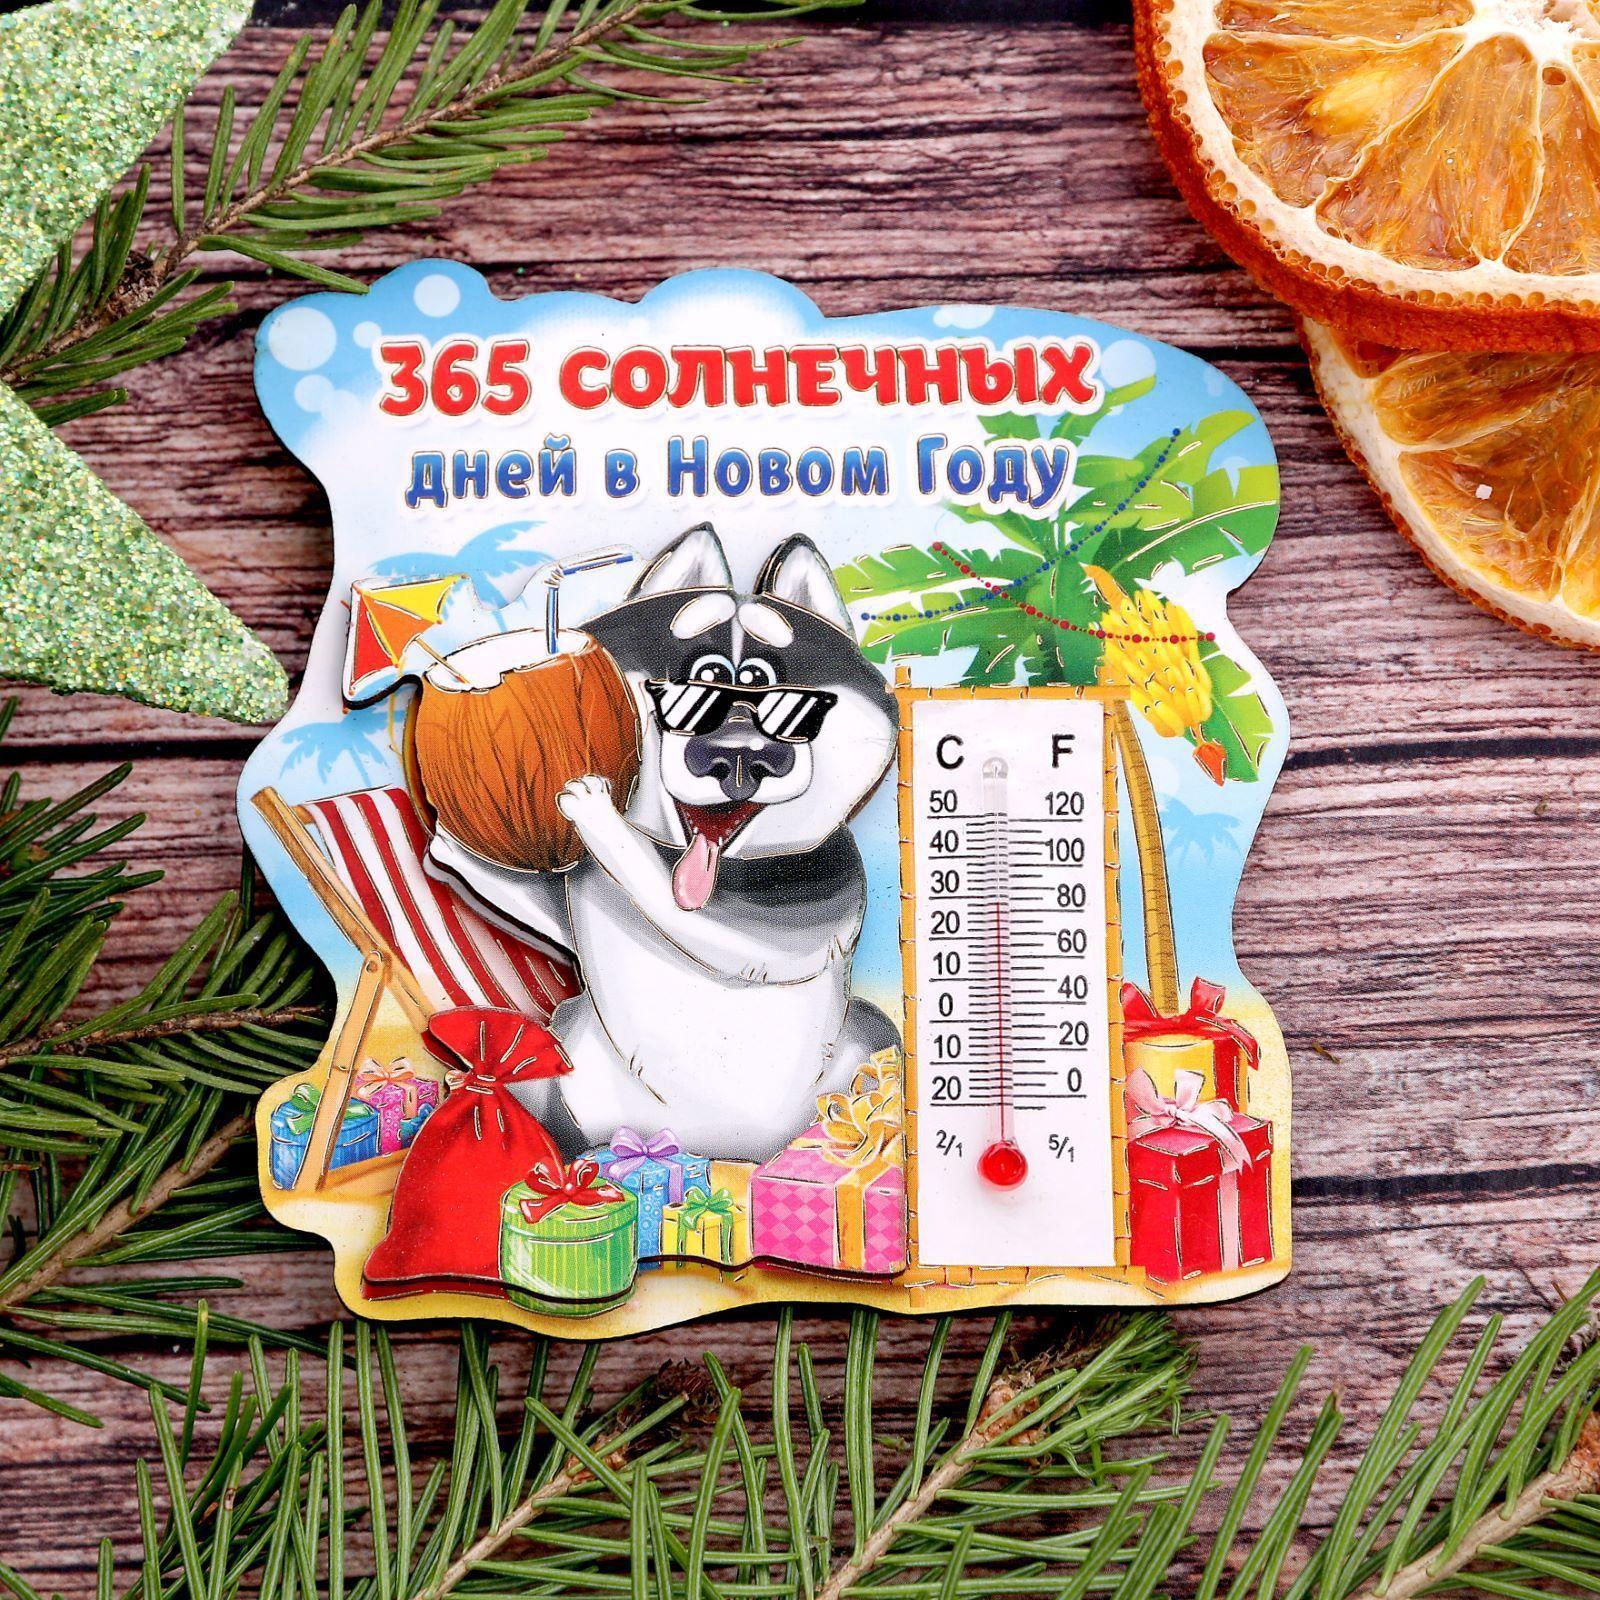 Магнит Sima-land 365 солнечных дней, с термометром, 8,3 х 8,7 см1982802Порадуйте родных и близких оригинальным сувениром: преподнесите в подарок магнит. С ним даже самый серьёзный человек почувствует себя ребёнком, ожидающим чудо! Создайте праздничное настроение, и оно останется с вами на весь год.